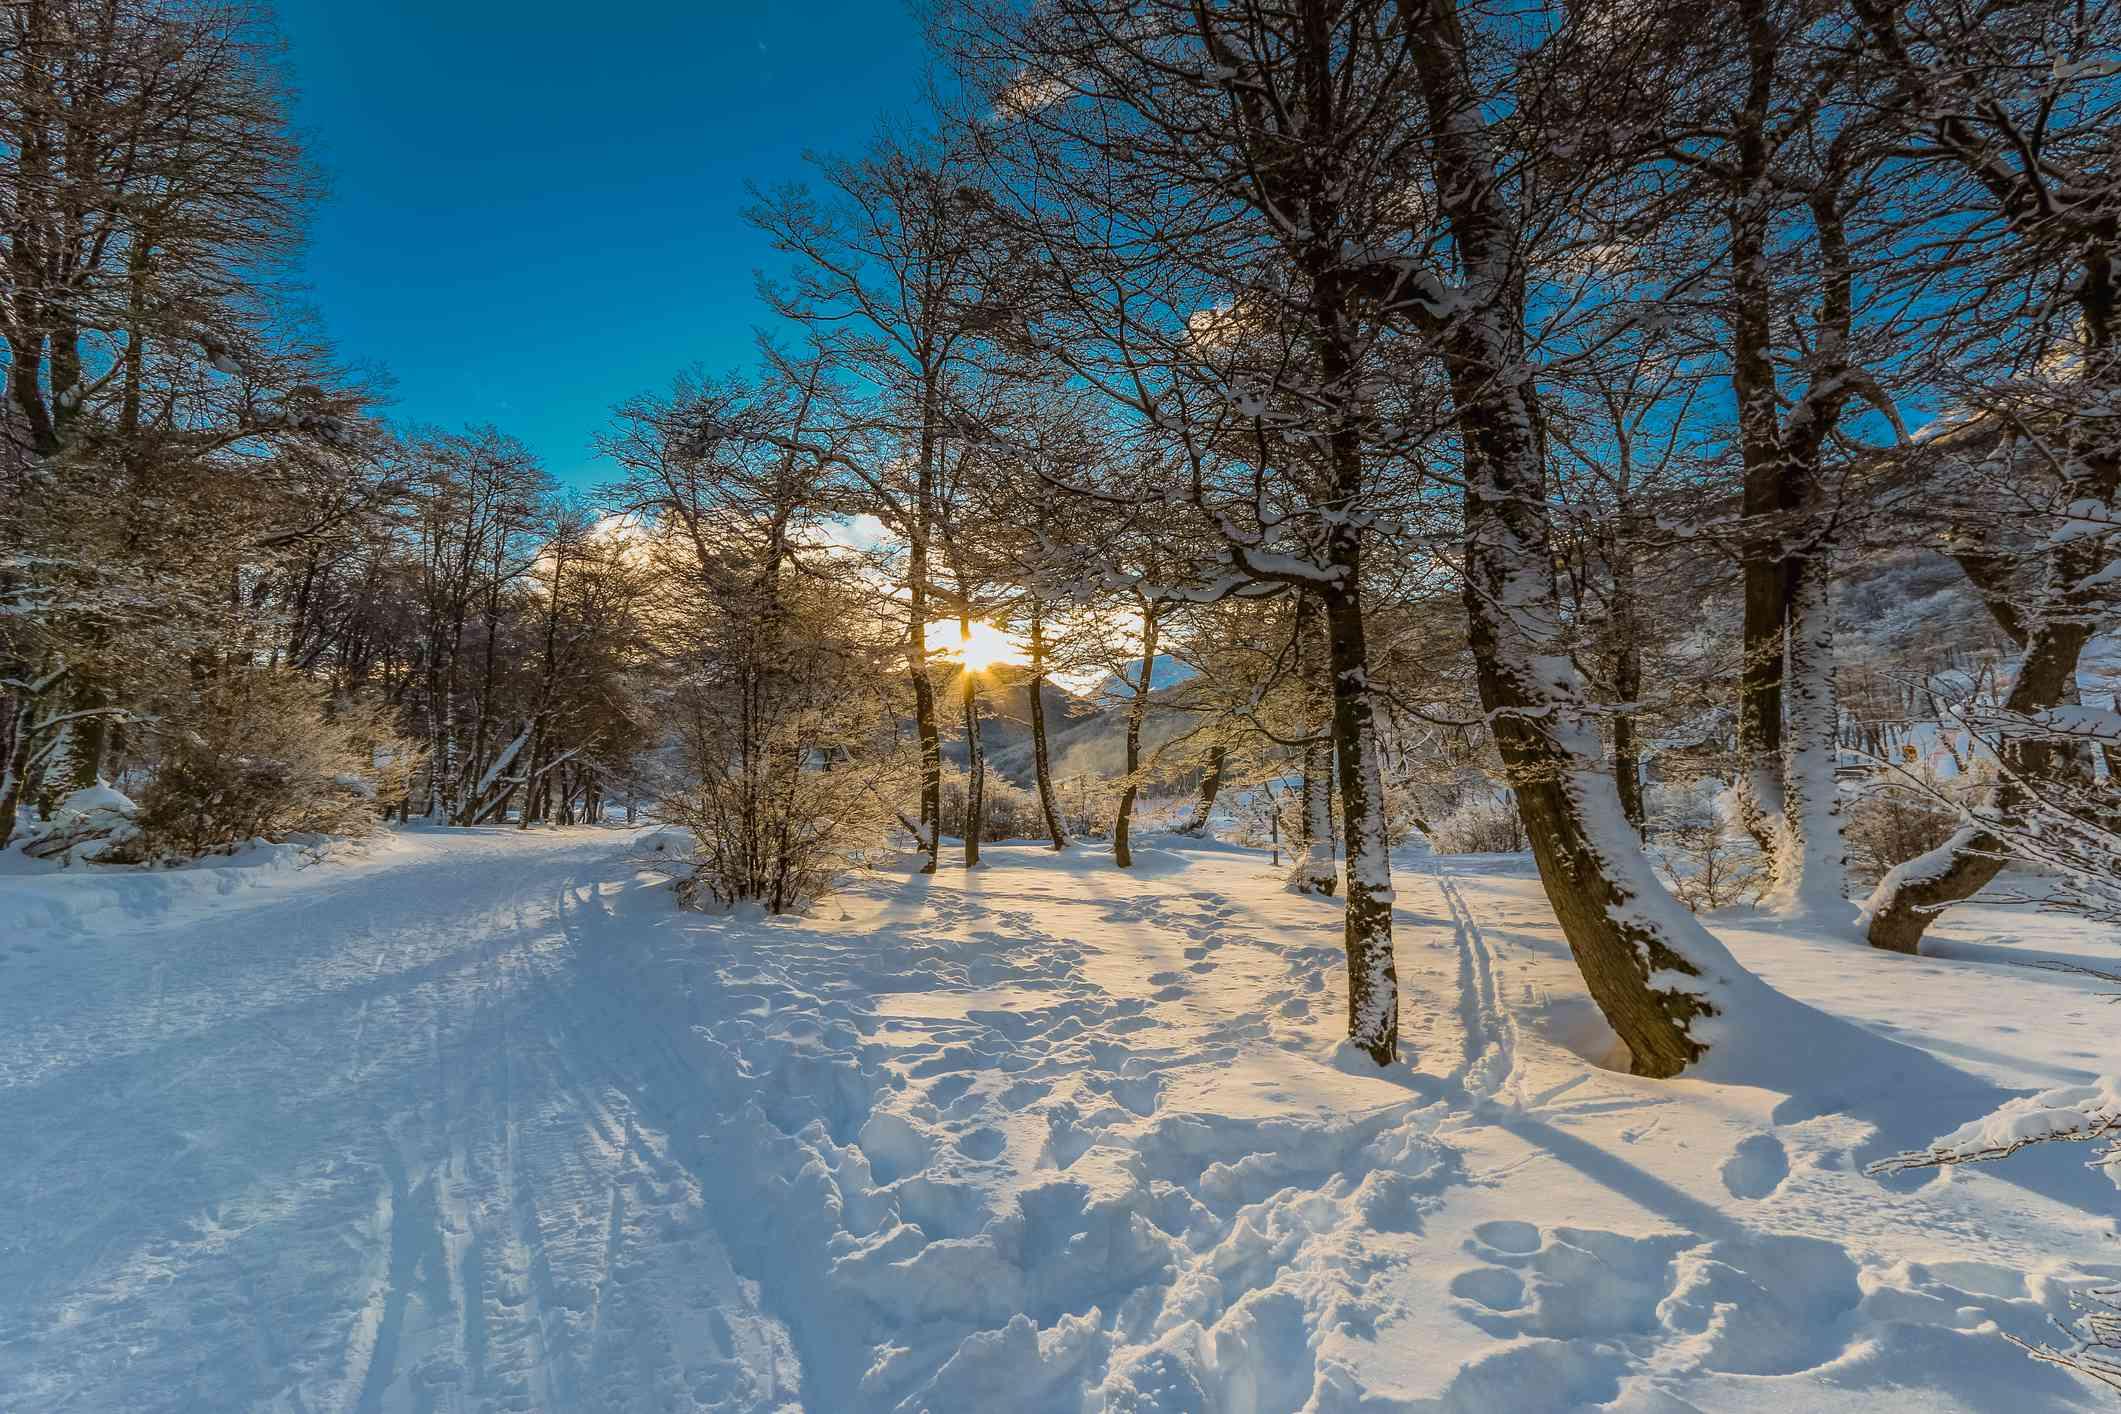 Winter Resort Cerro Castor, Ushuaia